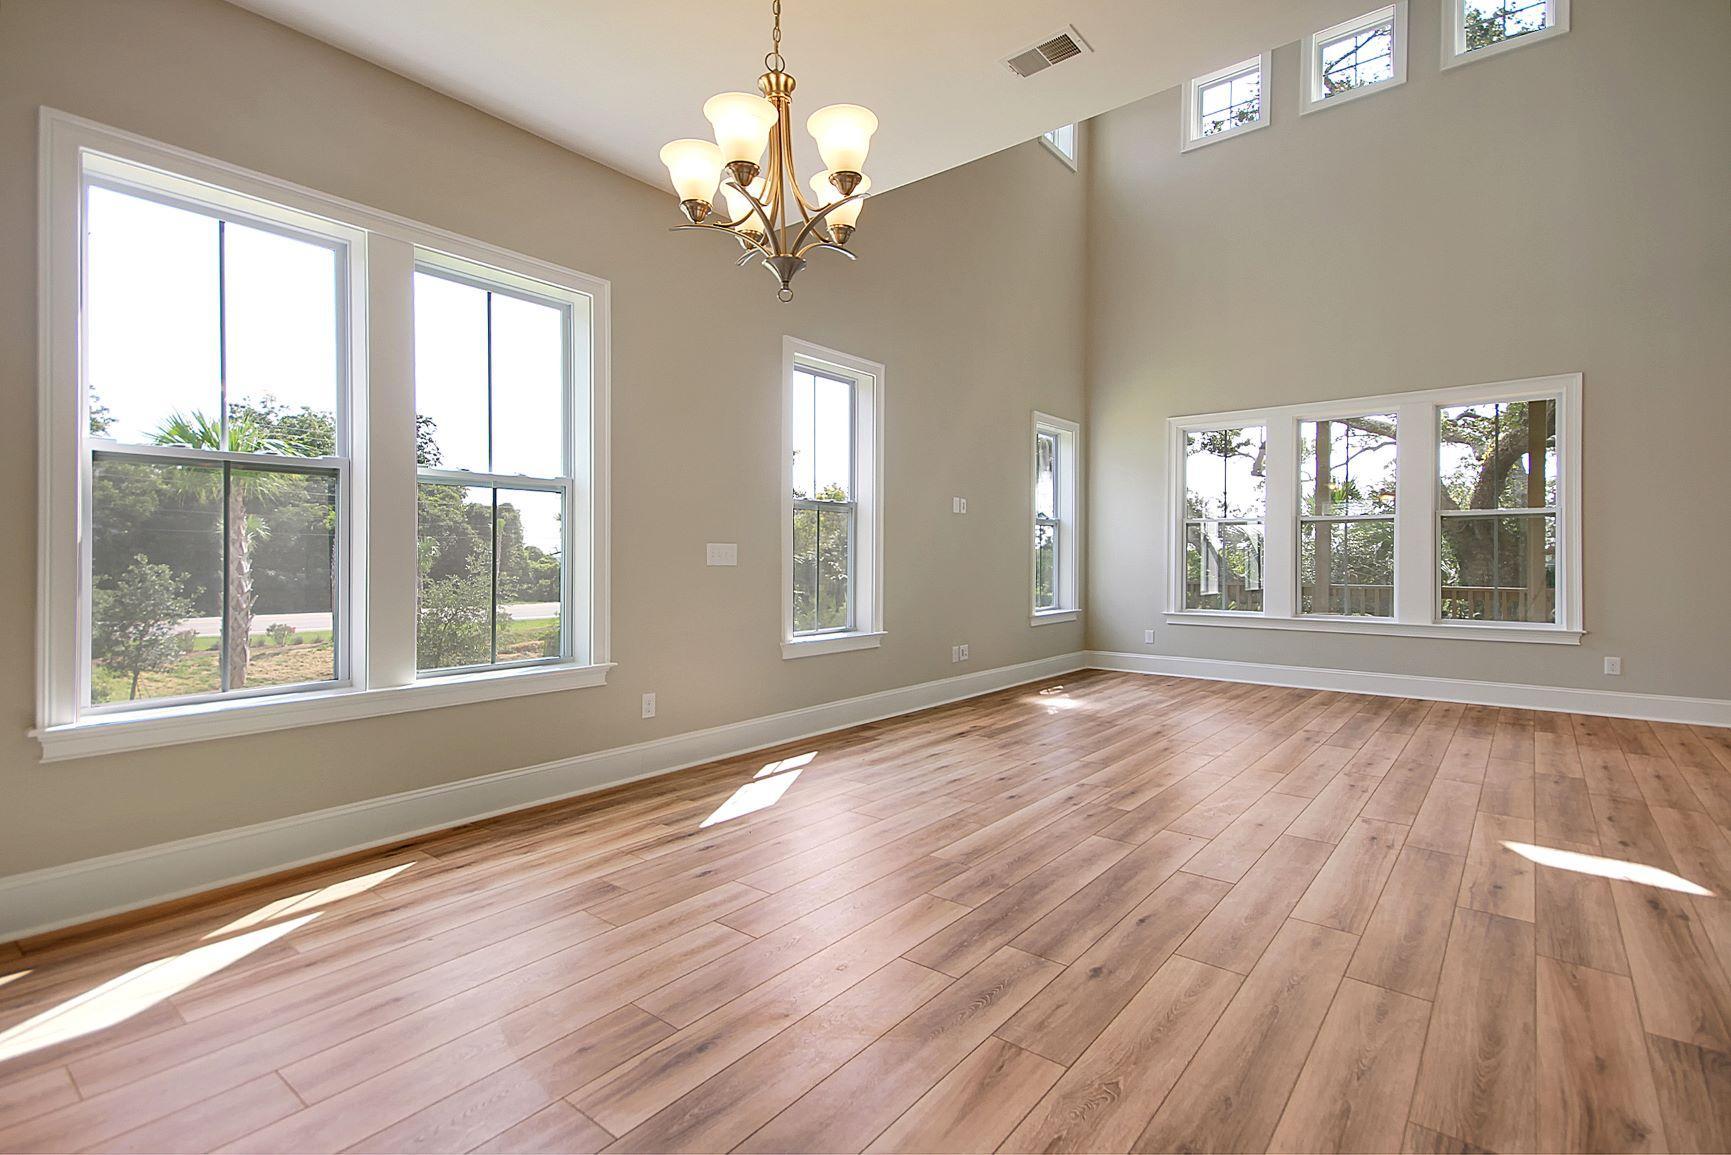 Kings Flats Homes For Sale - 121 Alder, Charleston, SC - 10